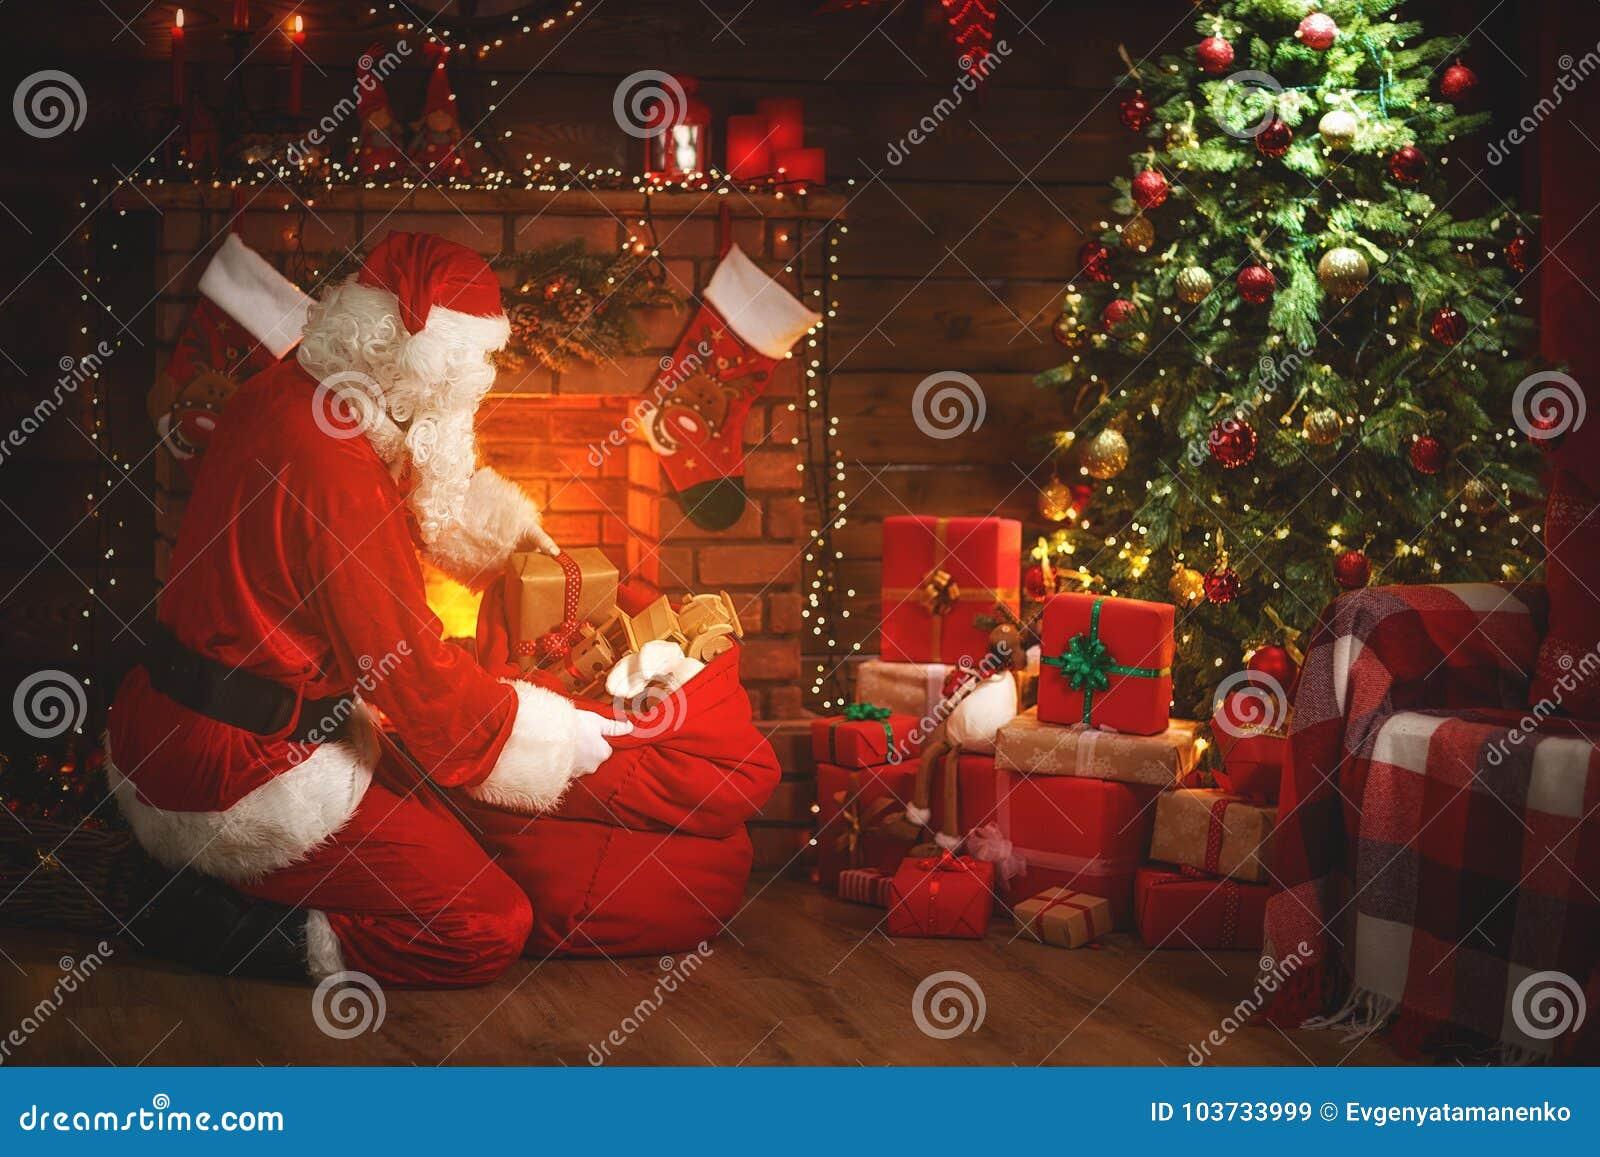 Χαρούμενα Χριστούγεννα! Άγιος Βασίλης κοντά στην εστία και δέντρο με τις ΓΠ